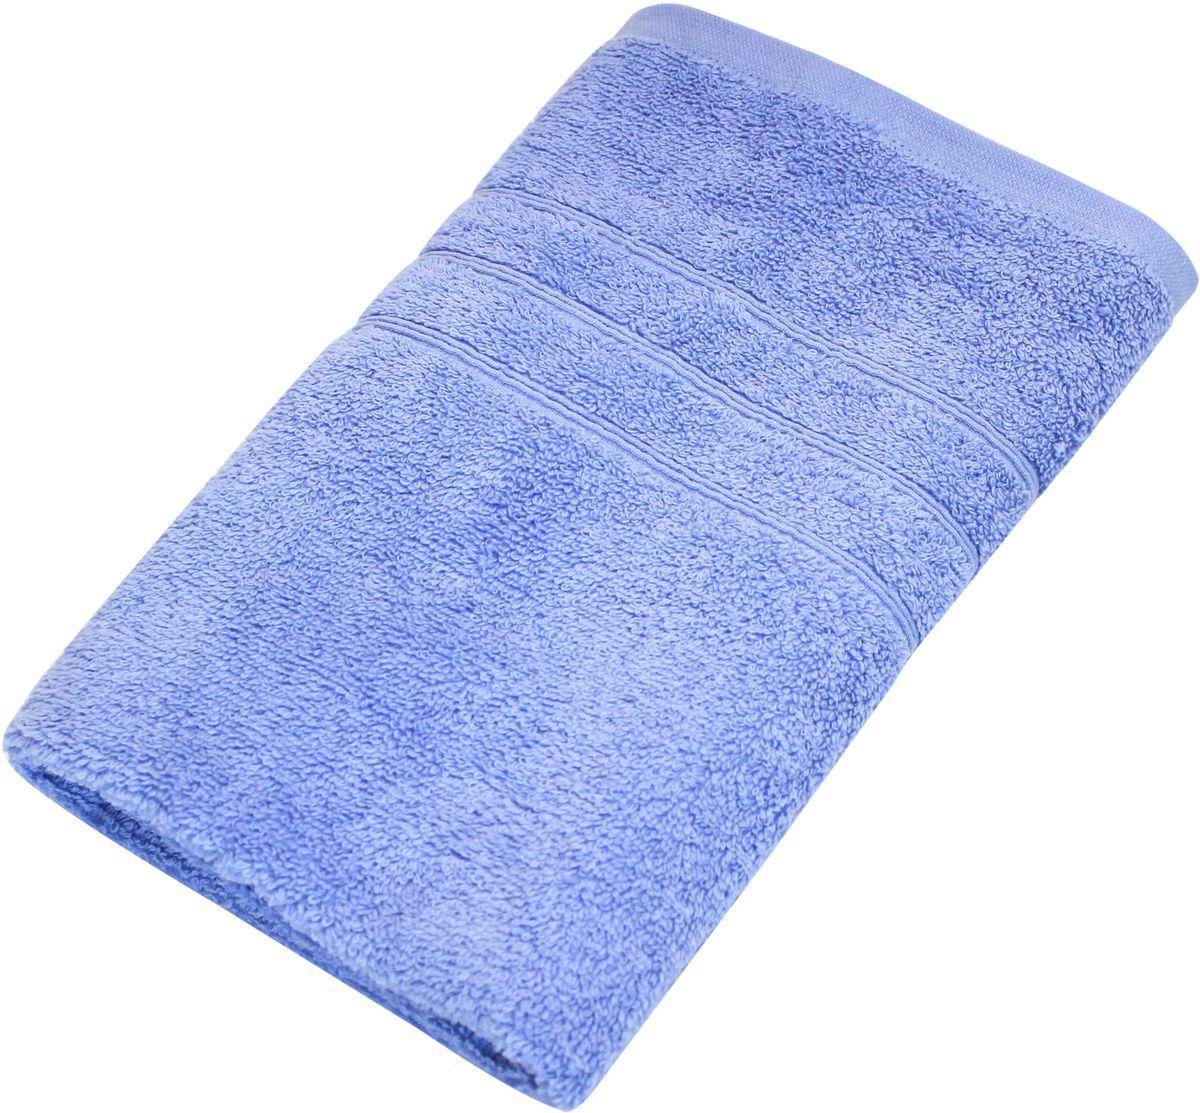 Полотенце Proffi Home Модерн, цвет: голубой, 50 x 100 см68/5/1Мягкое махровое полотенцеProffi Home Модерн отлично впитывает влагу и быстро сохнет, приятно в него завернуться после принятия ванны или посещения сауны. Поэтому данное махровое полотенце можно использовать в качестве душевого, банного или пляжного полотенца. Состав: 100% хлопок.